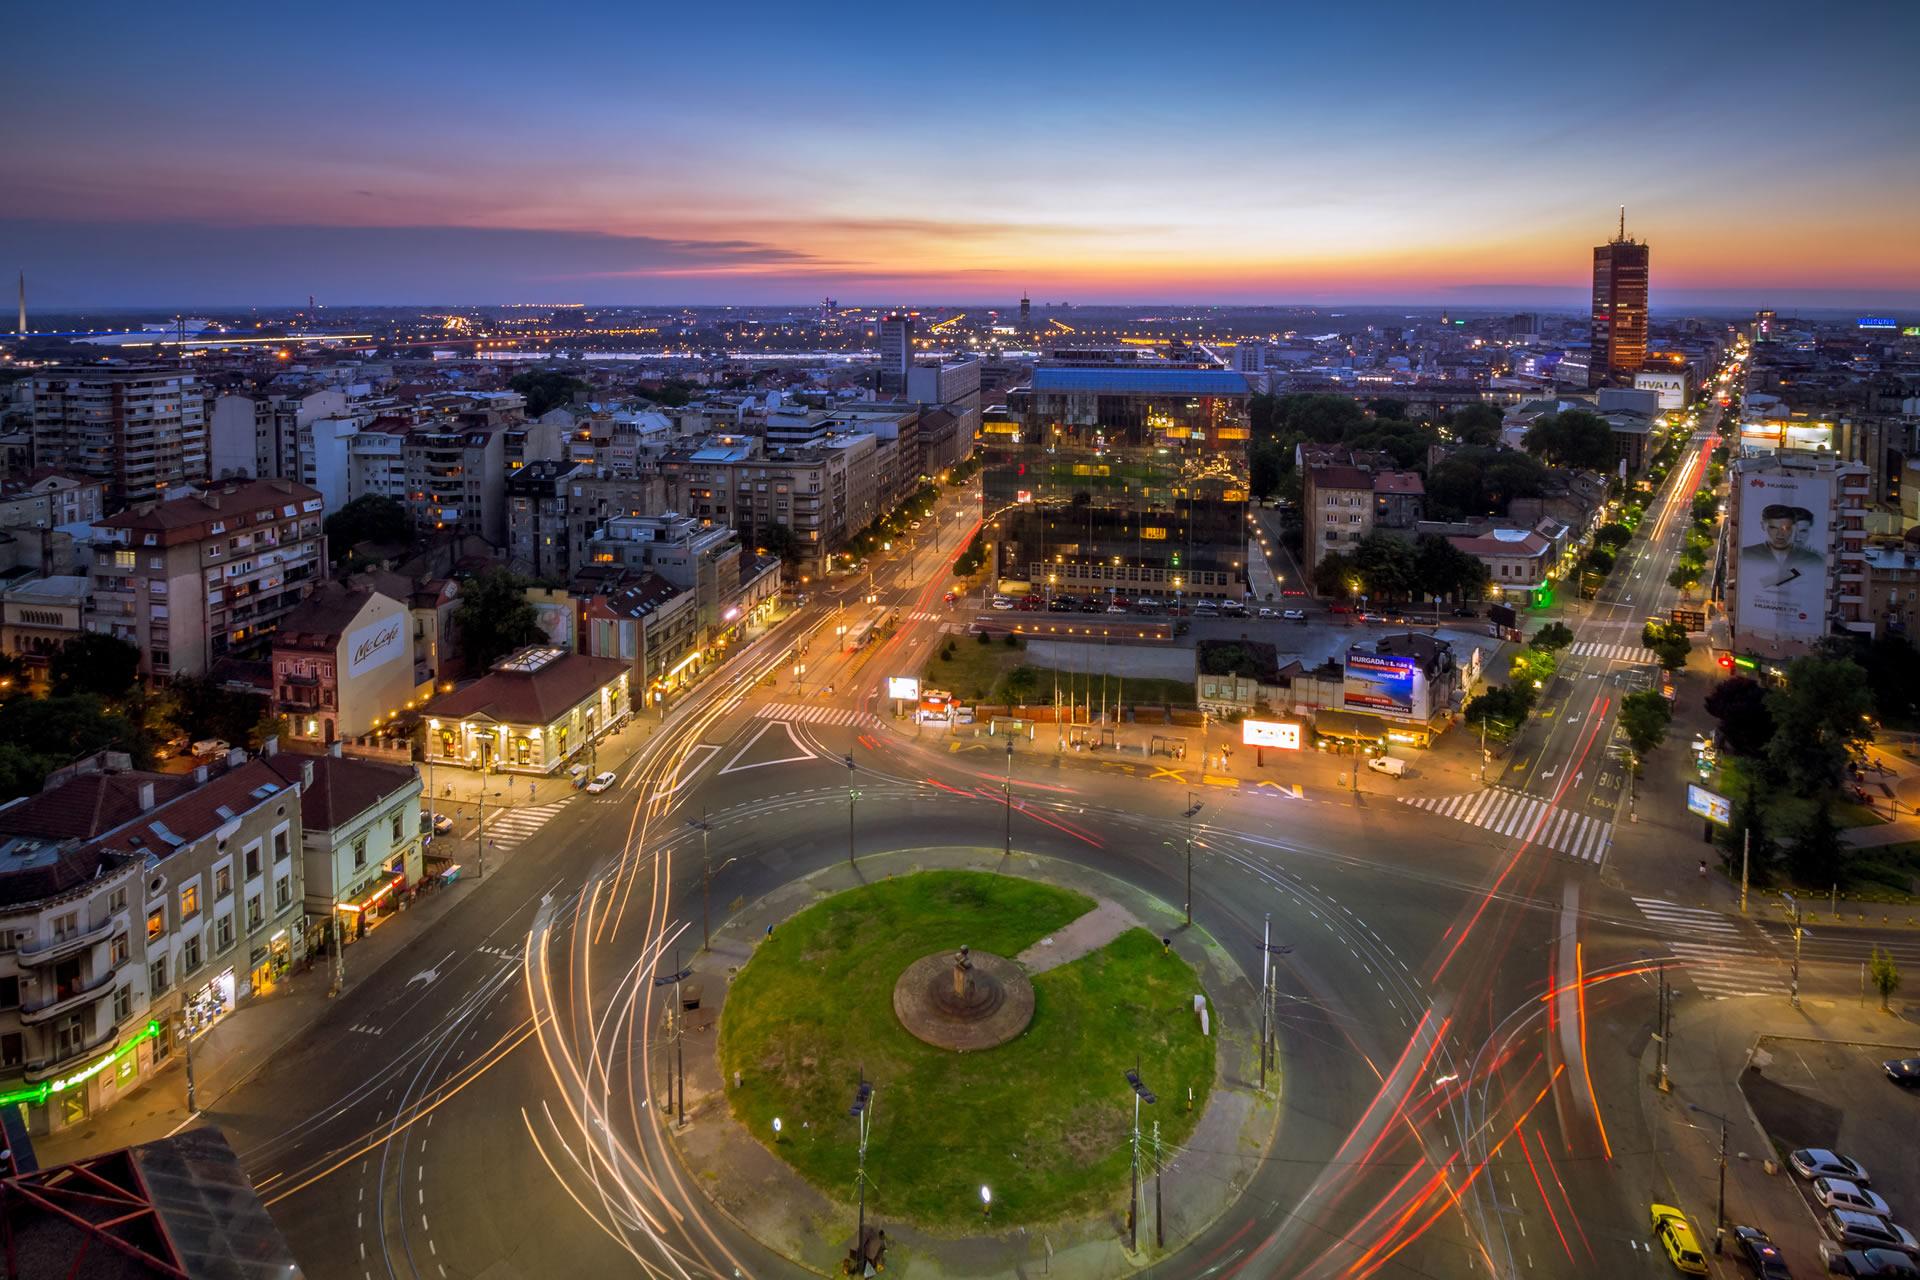 SLAVIJA SQUARE - Slavija Hotel Belgrade